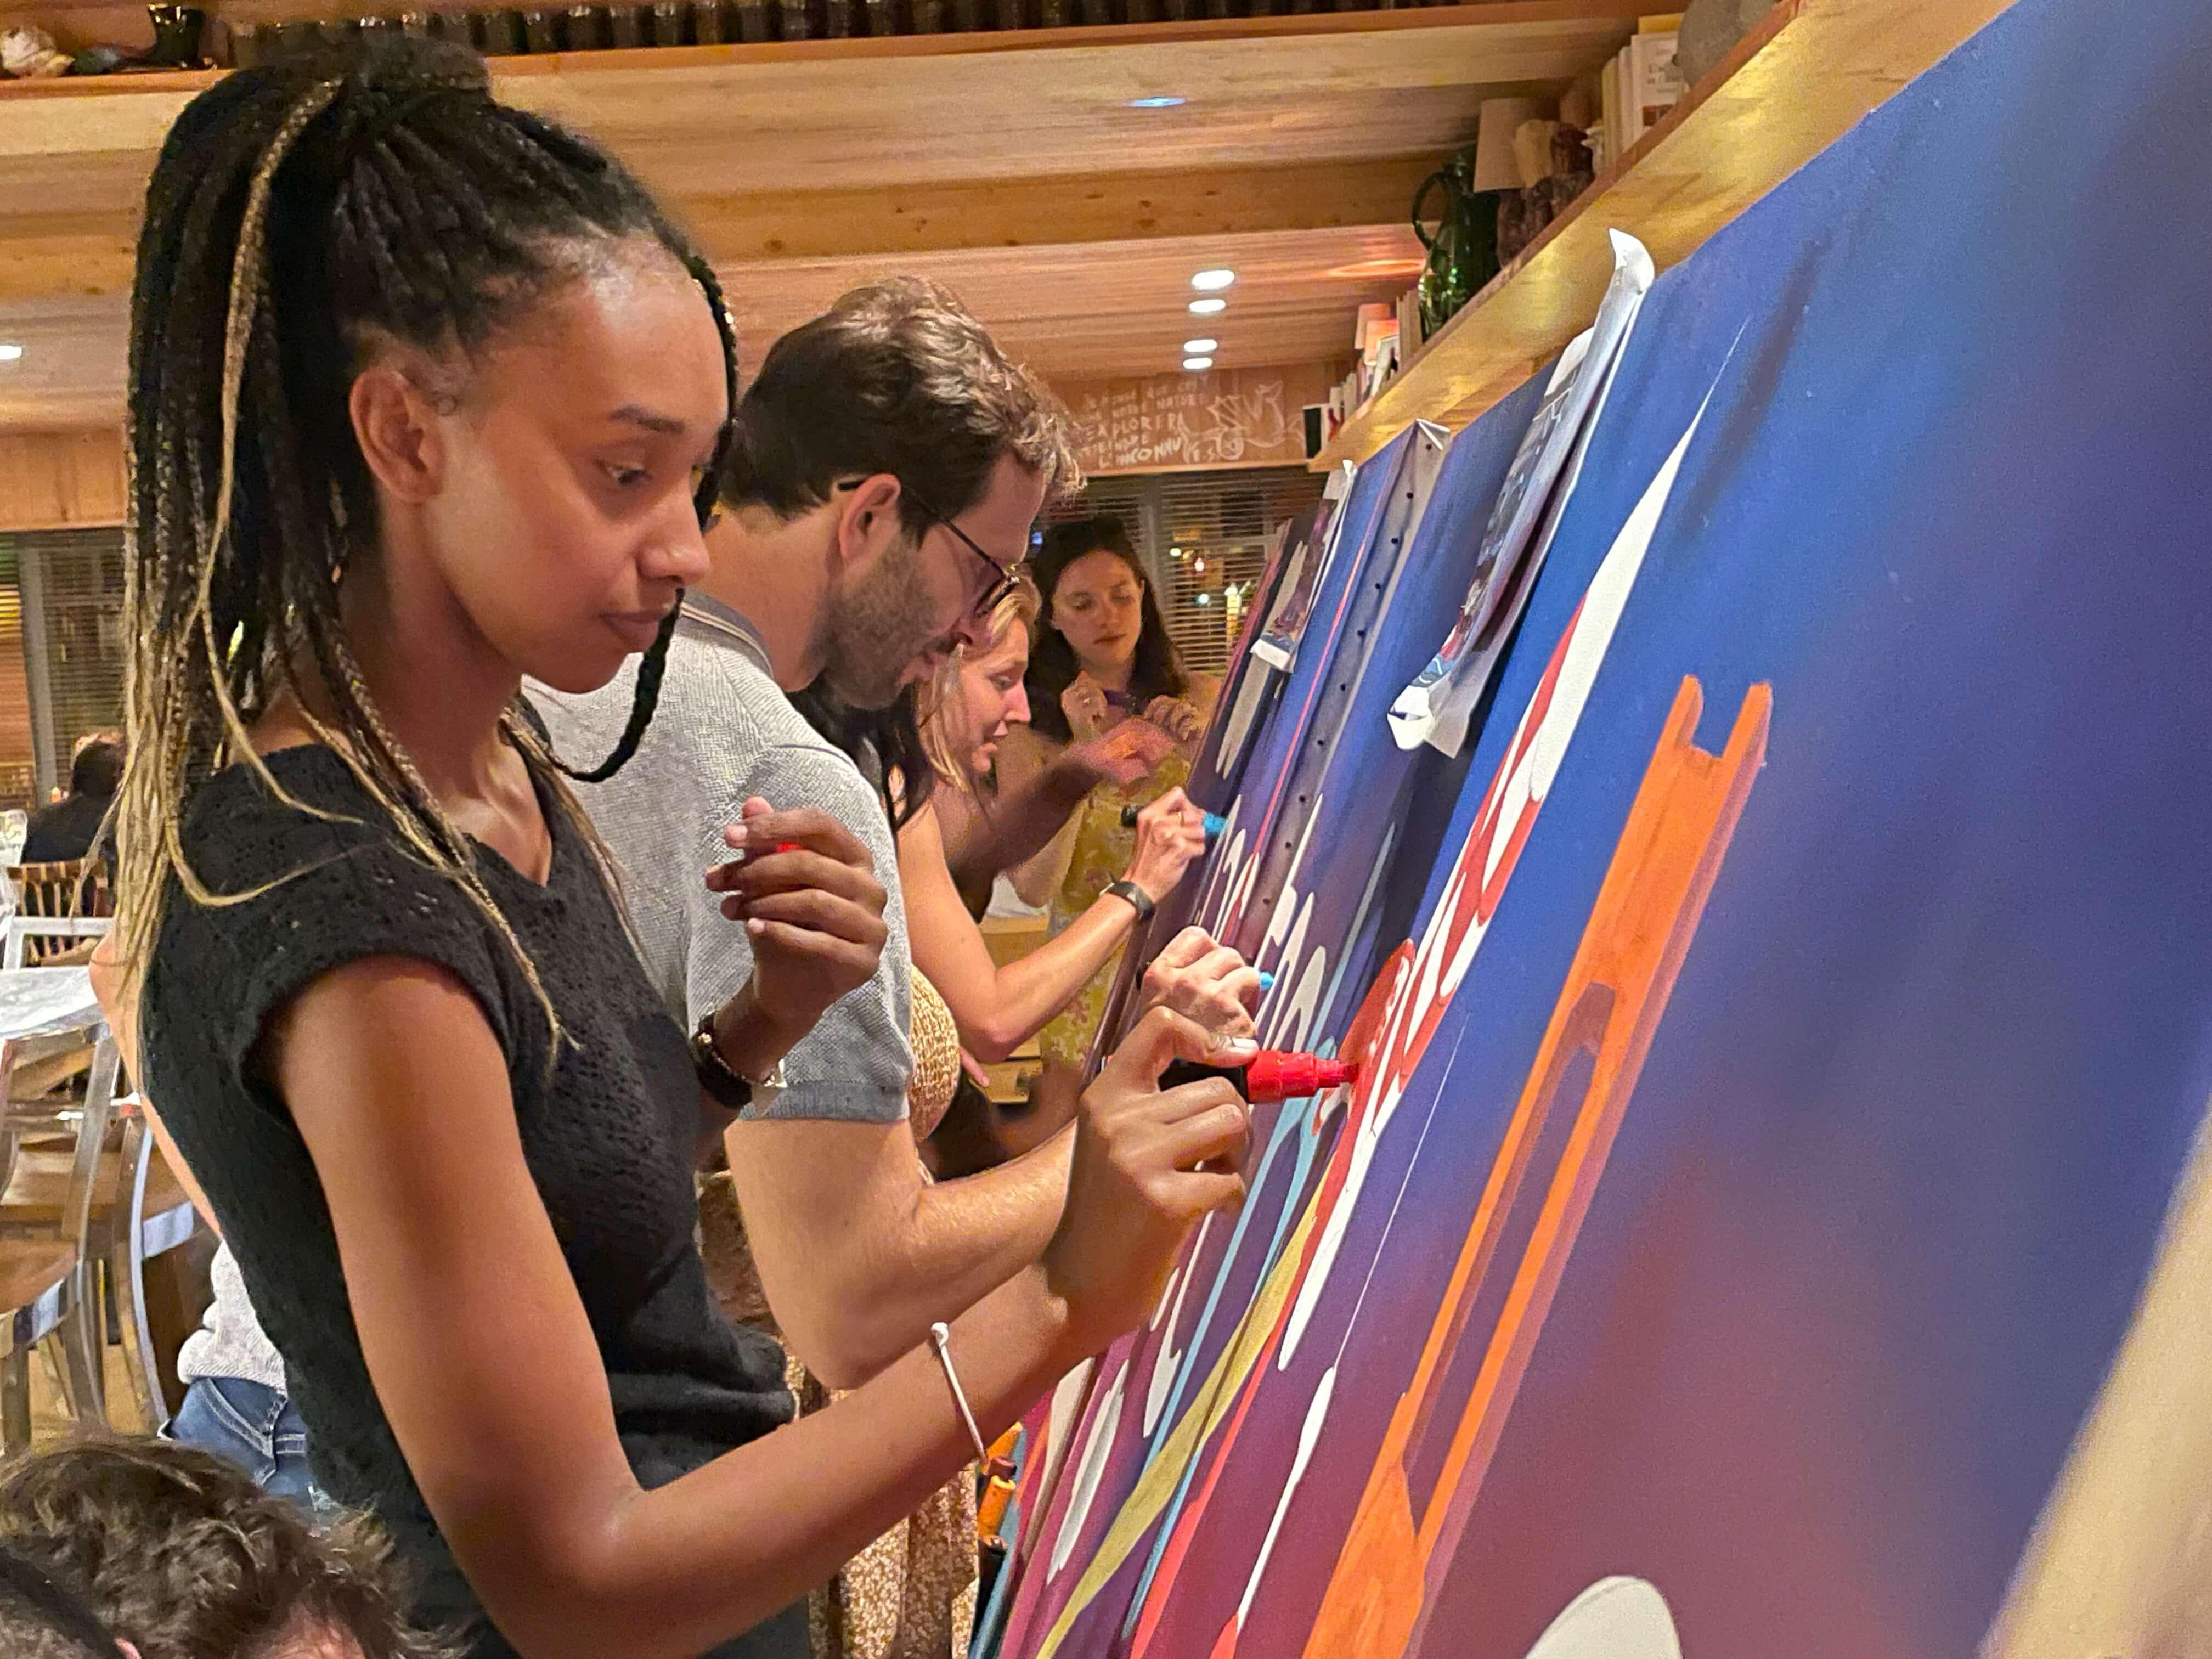 Fresque Participative et collaborative au posca à Paris avec des street artistes